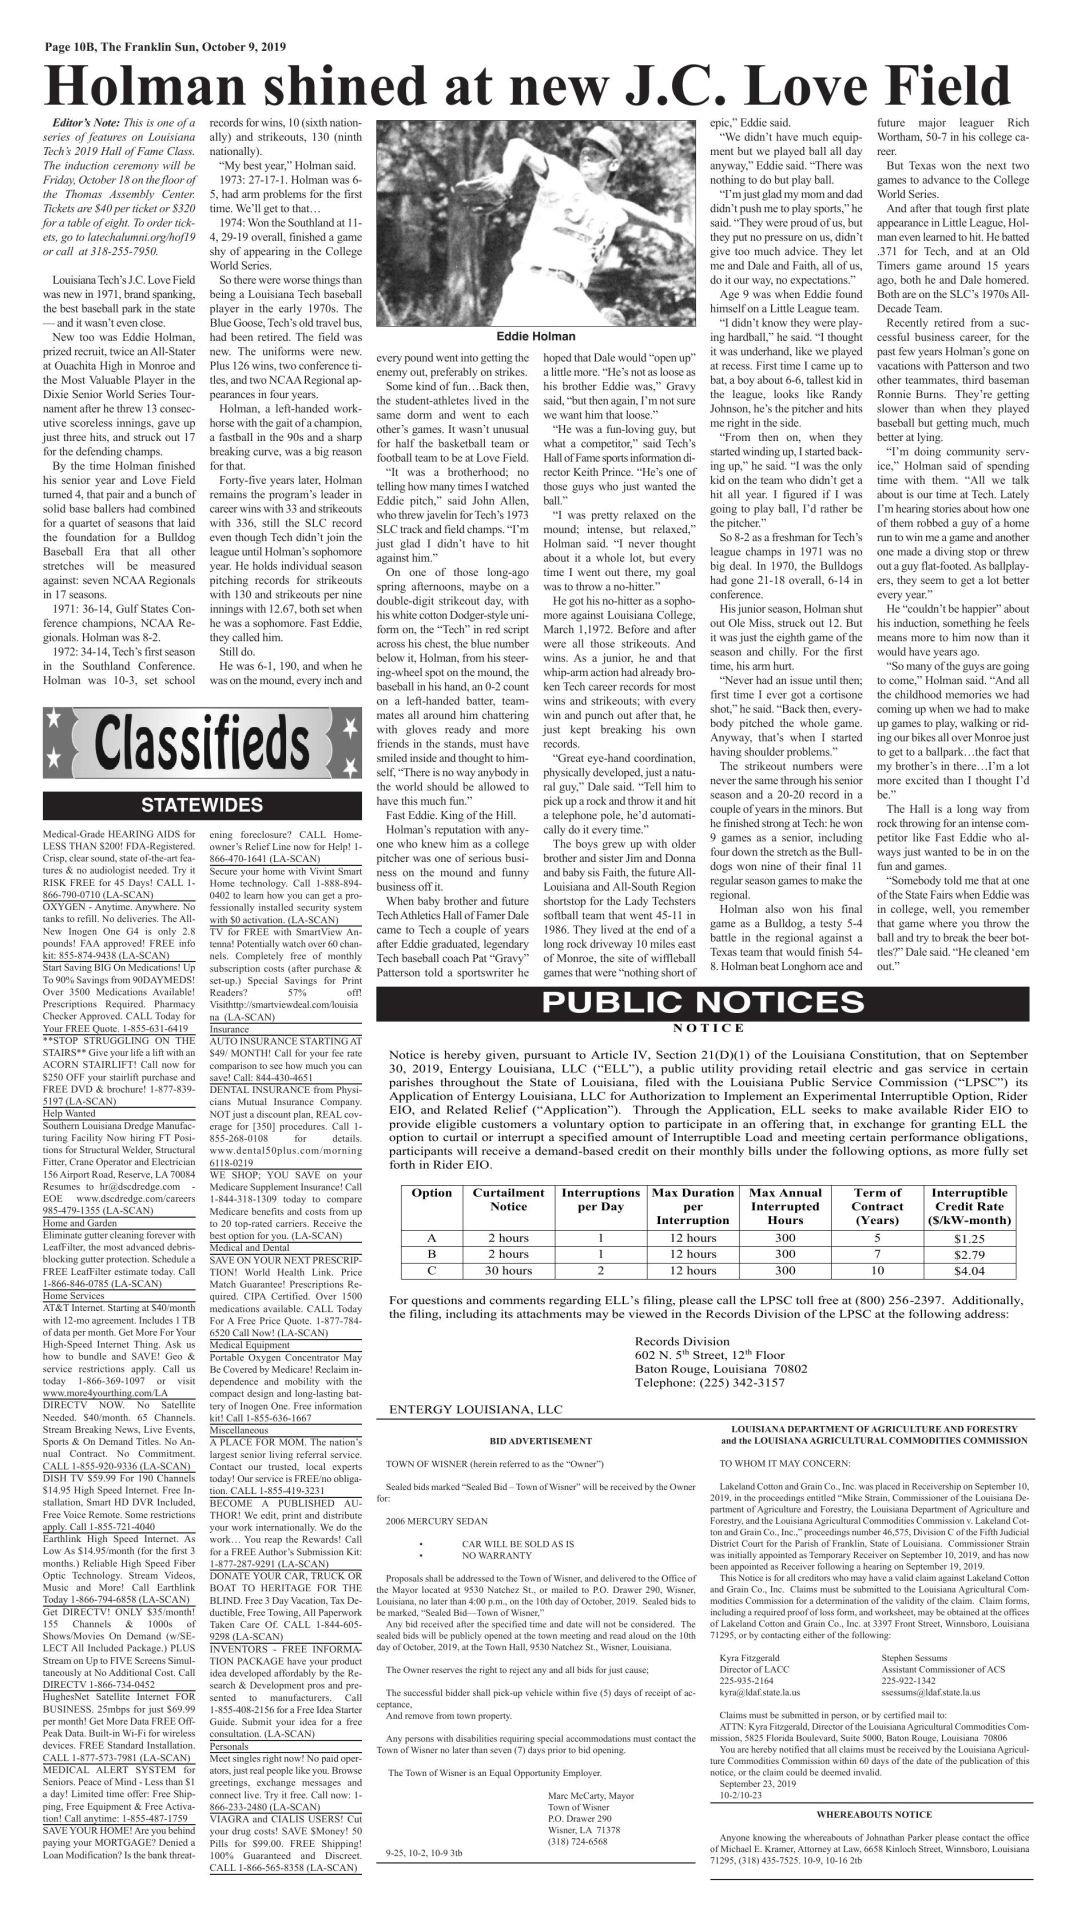 10-9 PUBLIC NOTICES